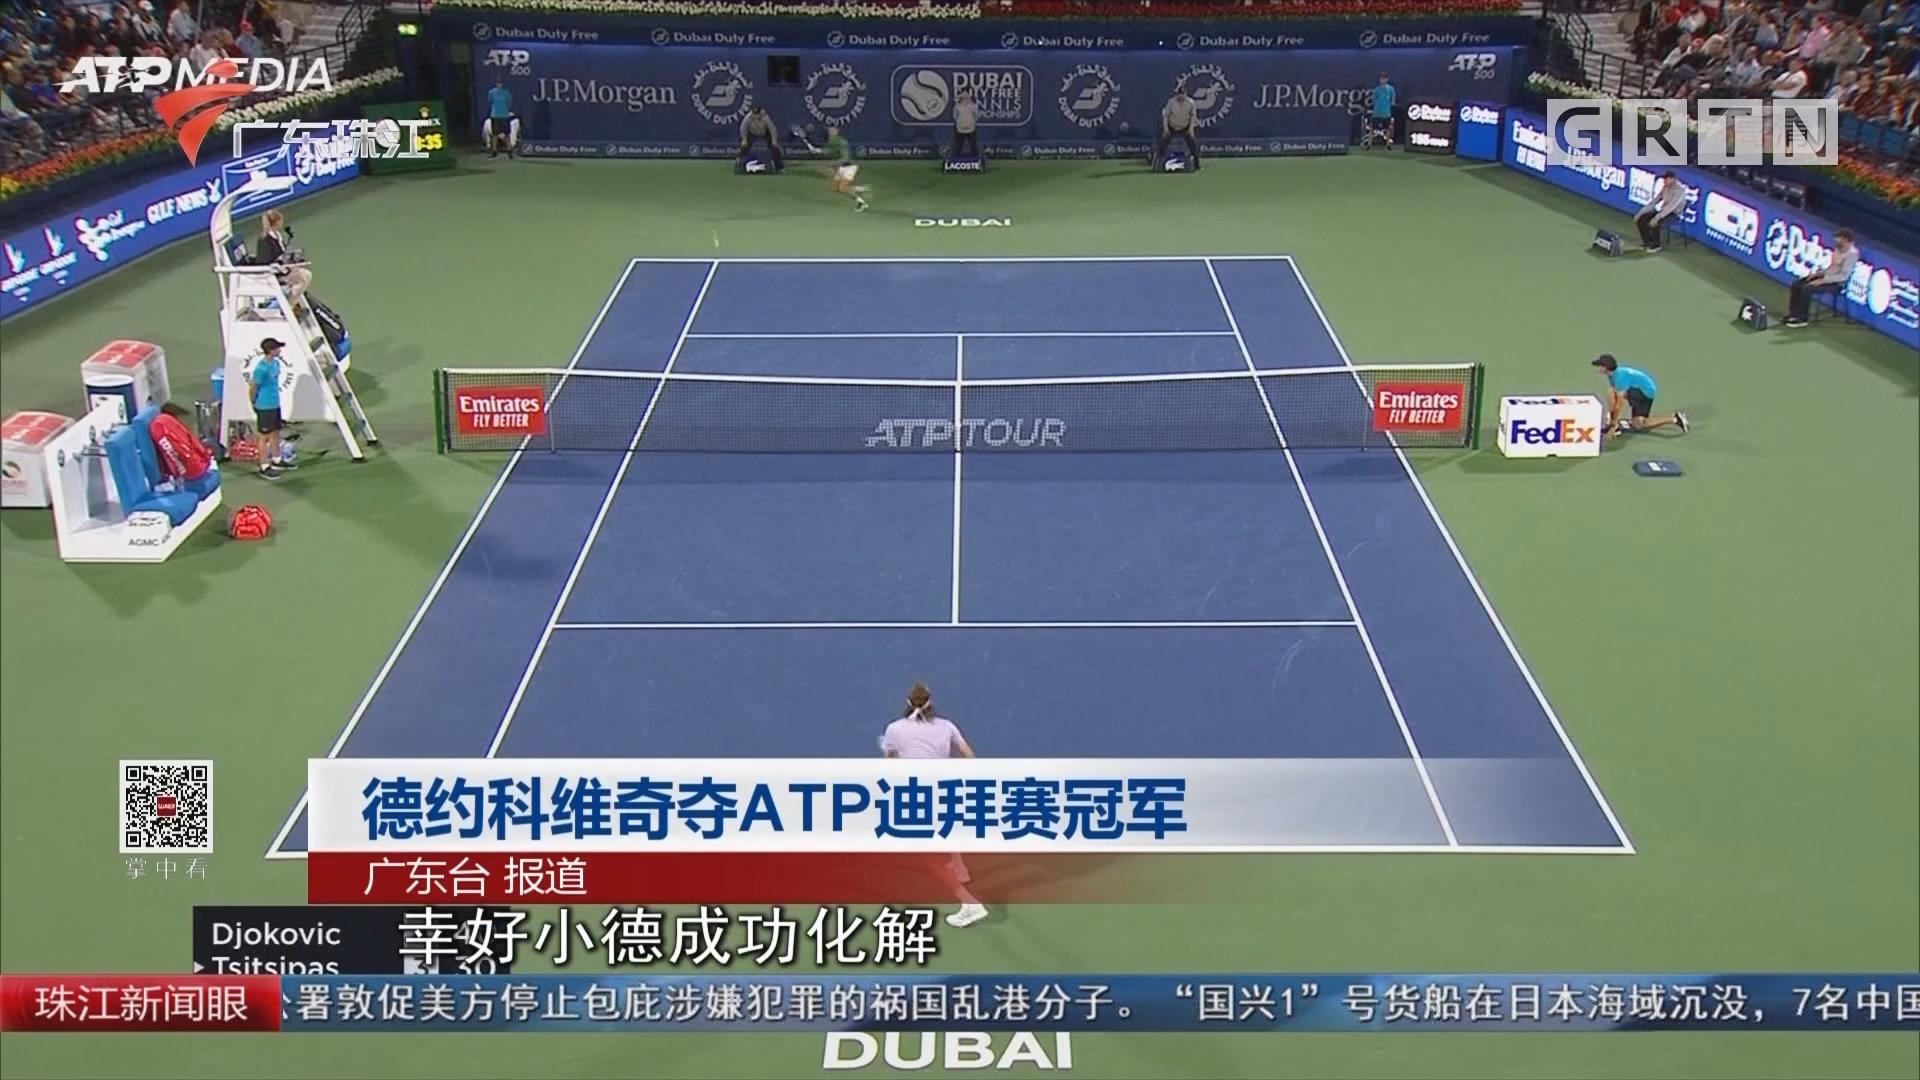 德约科维奇夺ATP迪拜赛冠军